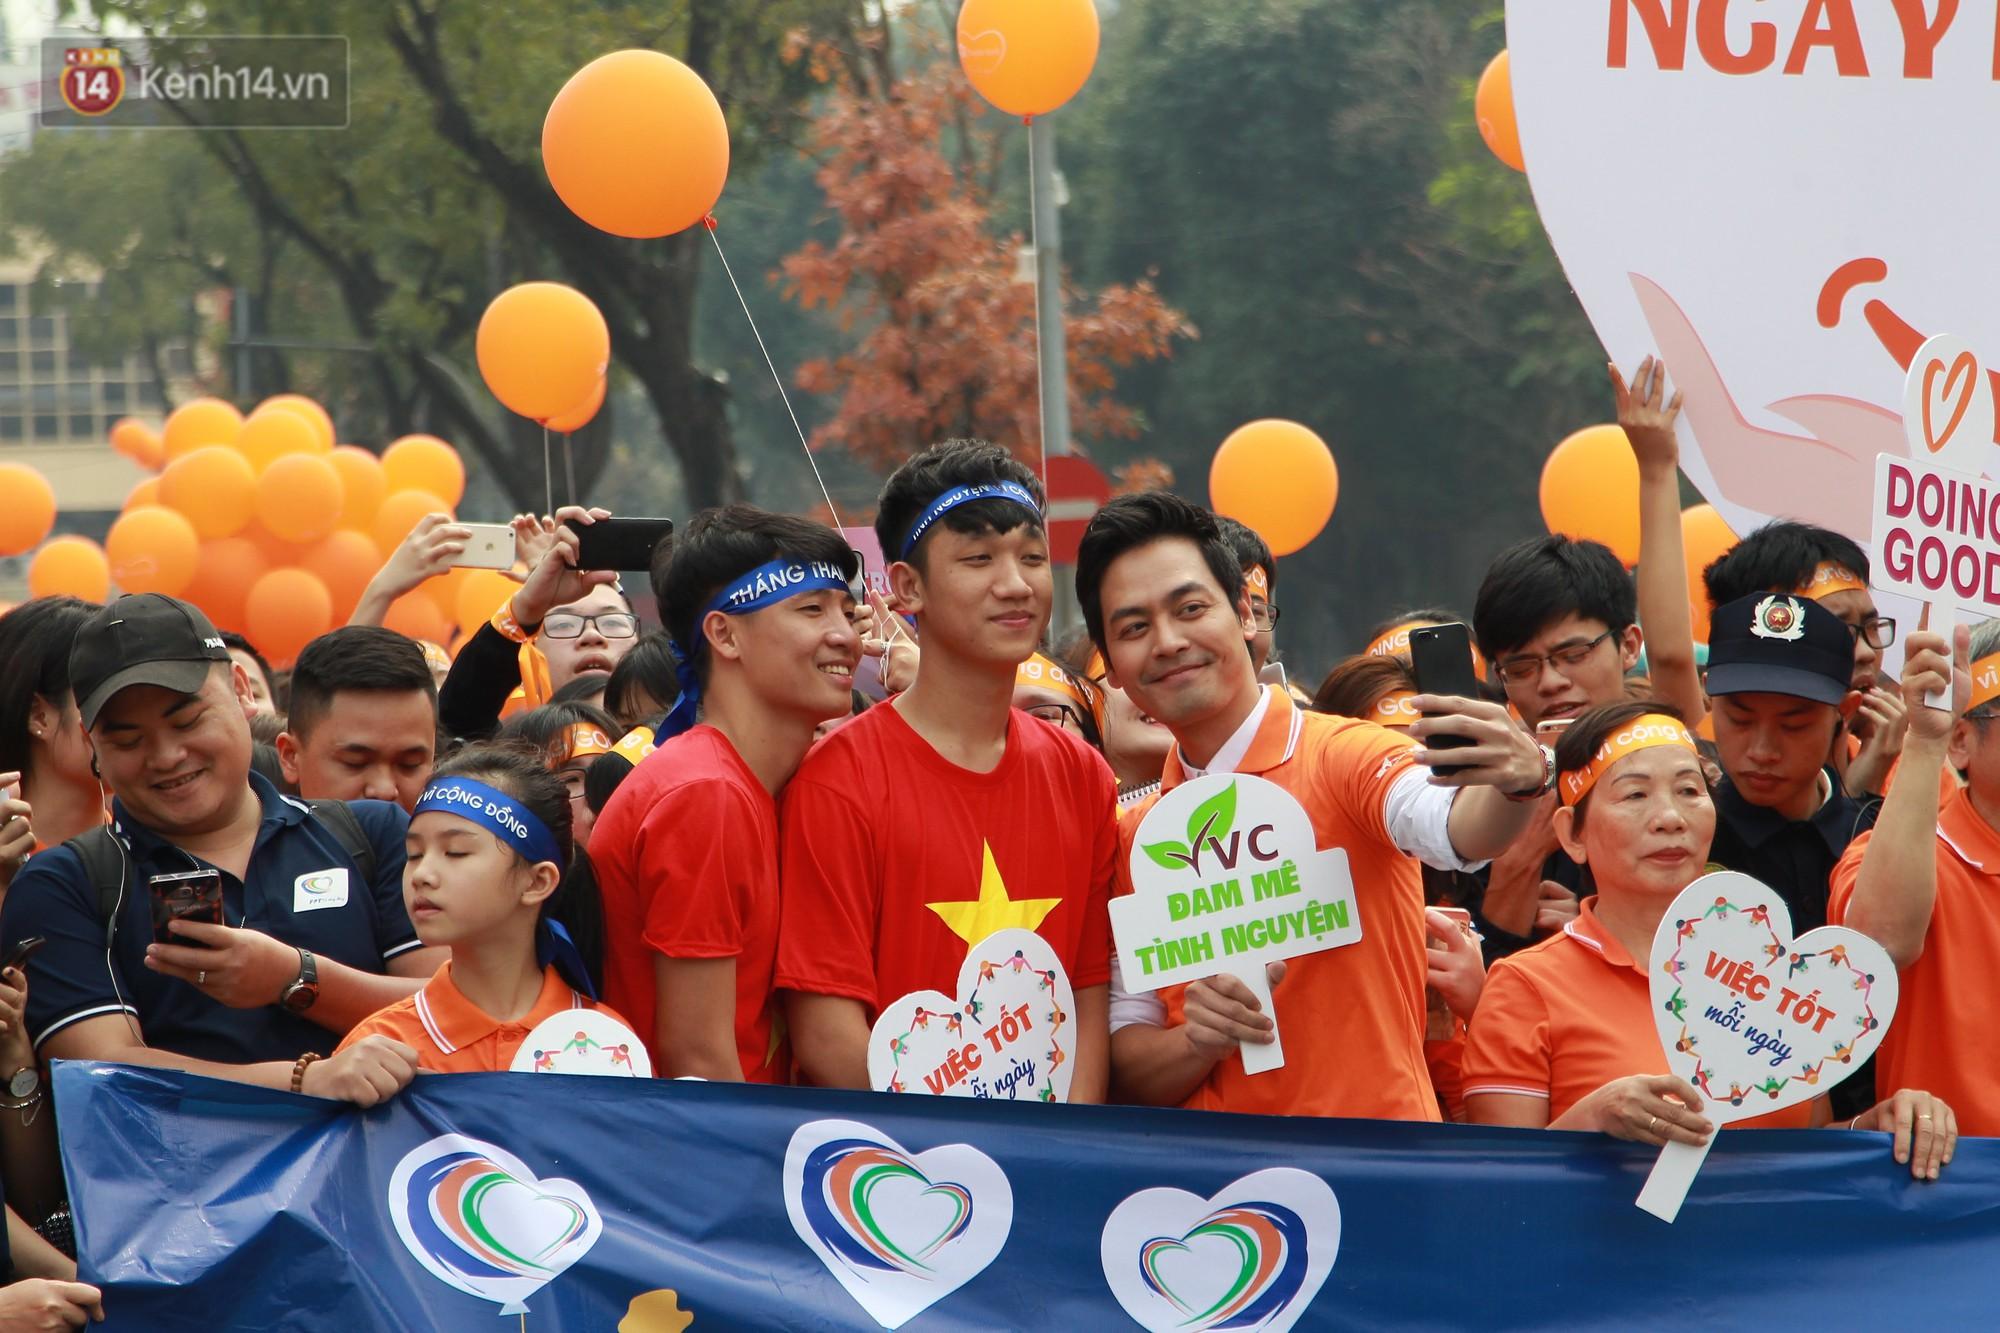 Phố đi bộ Hồ Gươm tắc nghẽn khi Trọng Đại, Tiến Dũng U23 cùng 5000 người dân tham gia ngày hội tình nguyện - Ảnh 5.